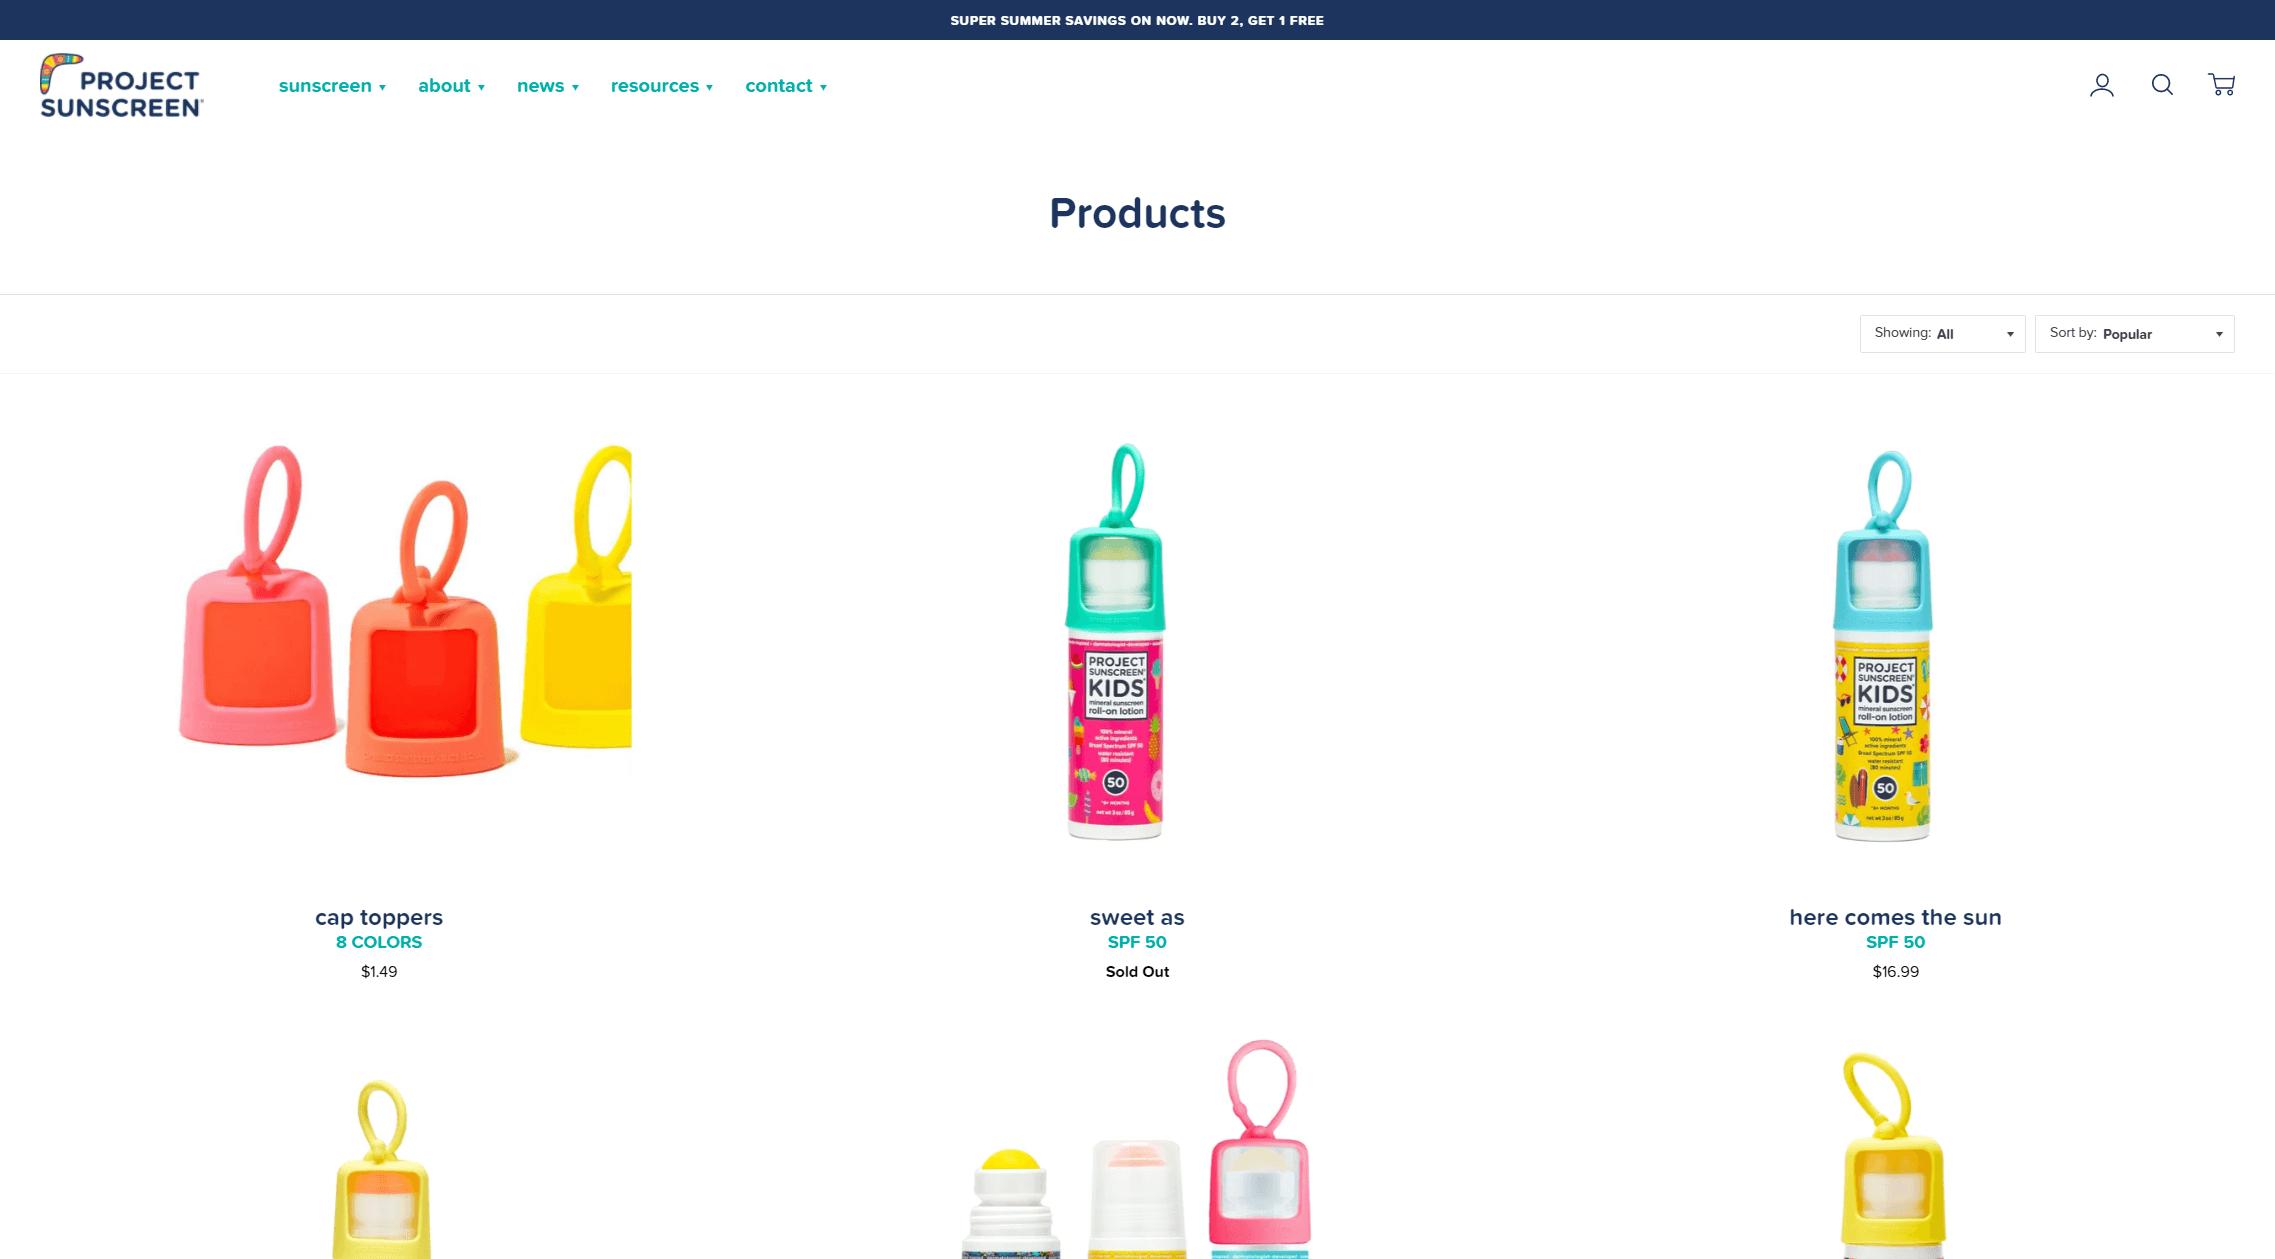 projectsunscreen.com-3